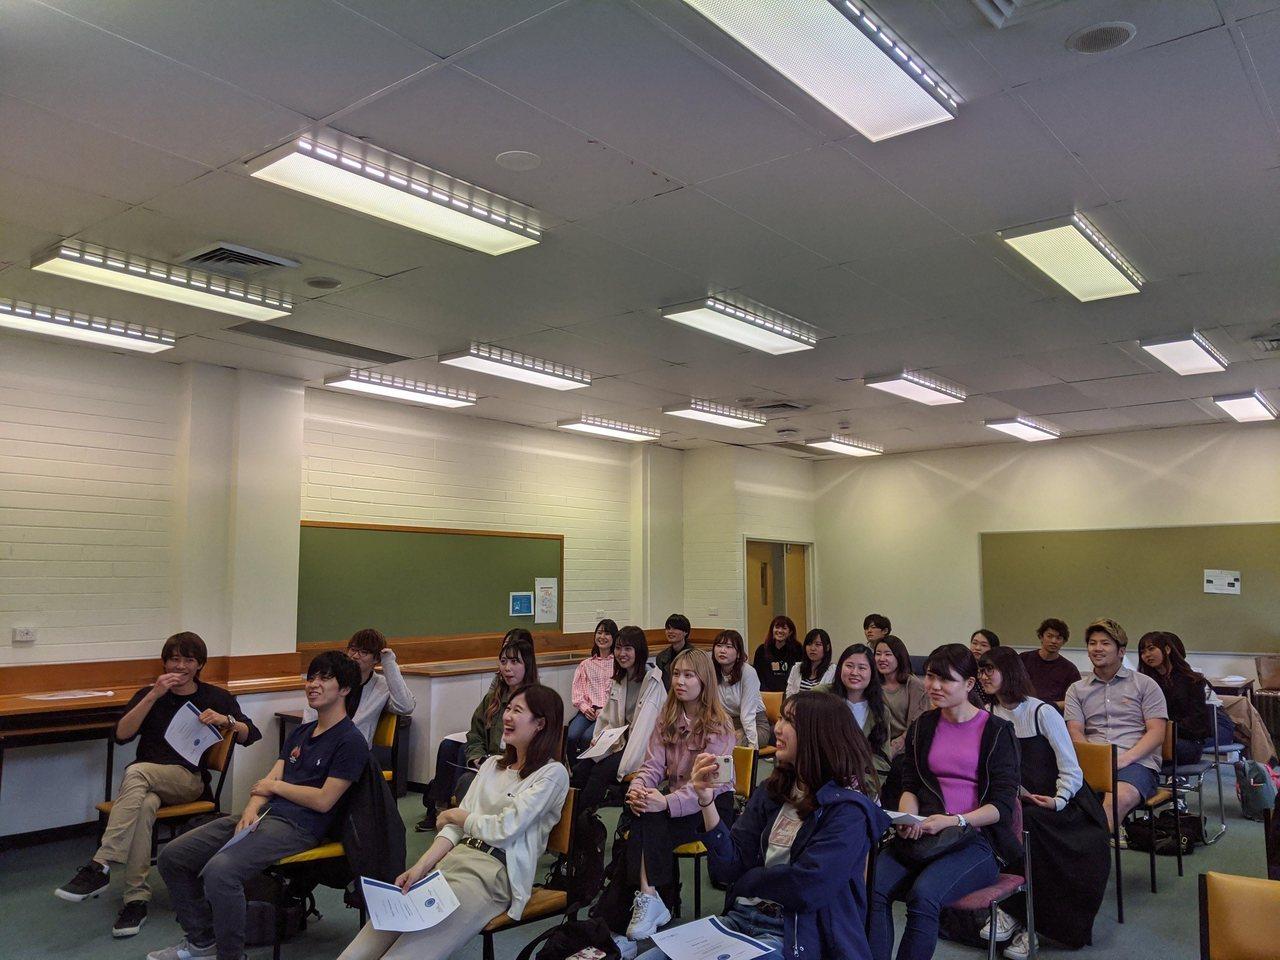 Classroom, Event, Room, Seminar, Job